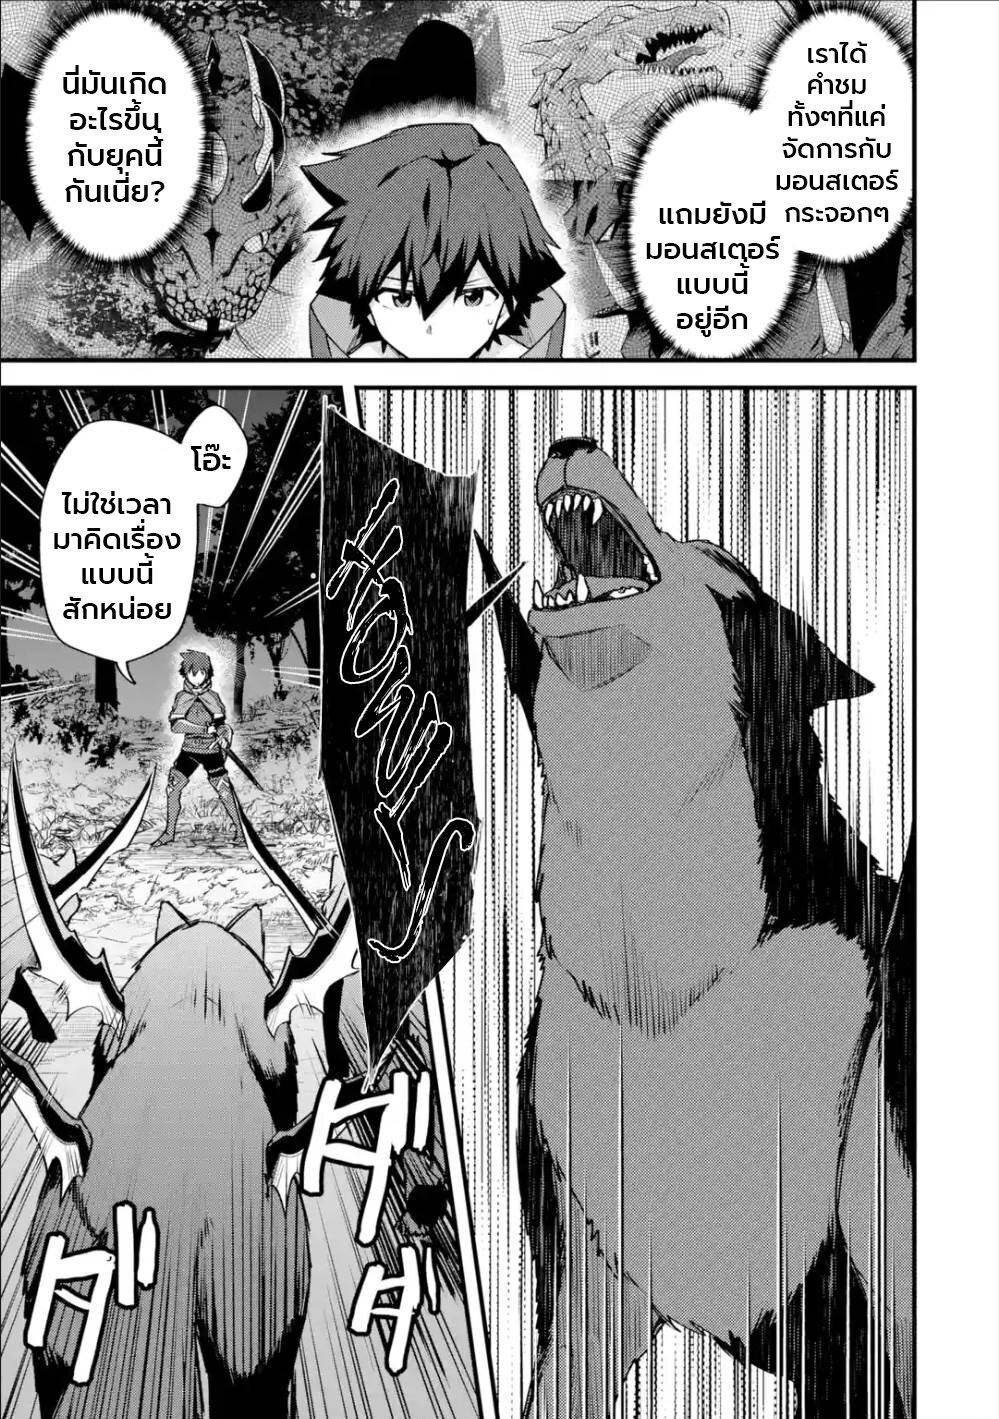 อ่านการ์ตูน Nido Tensei Shita Shounen wa S Rank Boukensha Toshite Heion ni Sugosu-zense ga kenja de eiyuu datta boku wa raisede wa jimini ikiru ตอนที่ 19 หน้าที่ 20